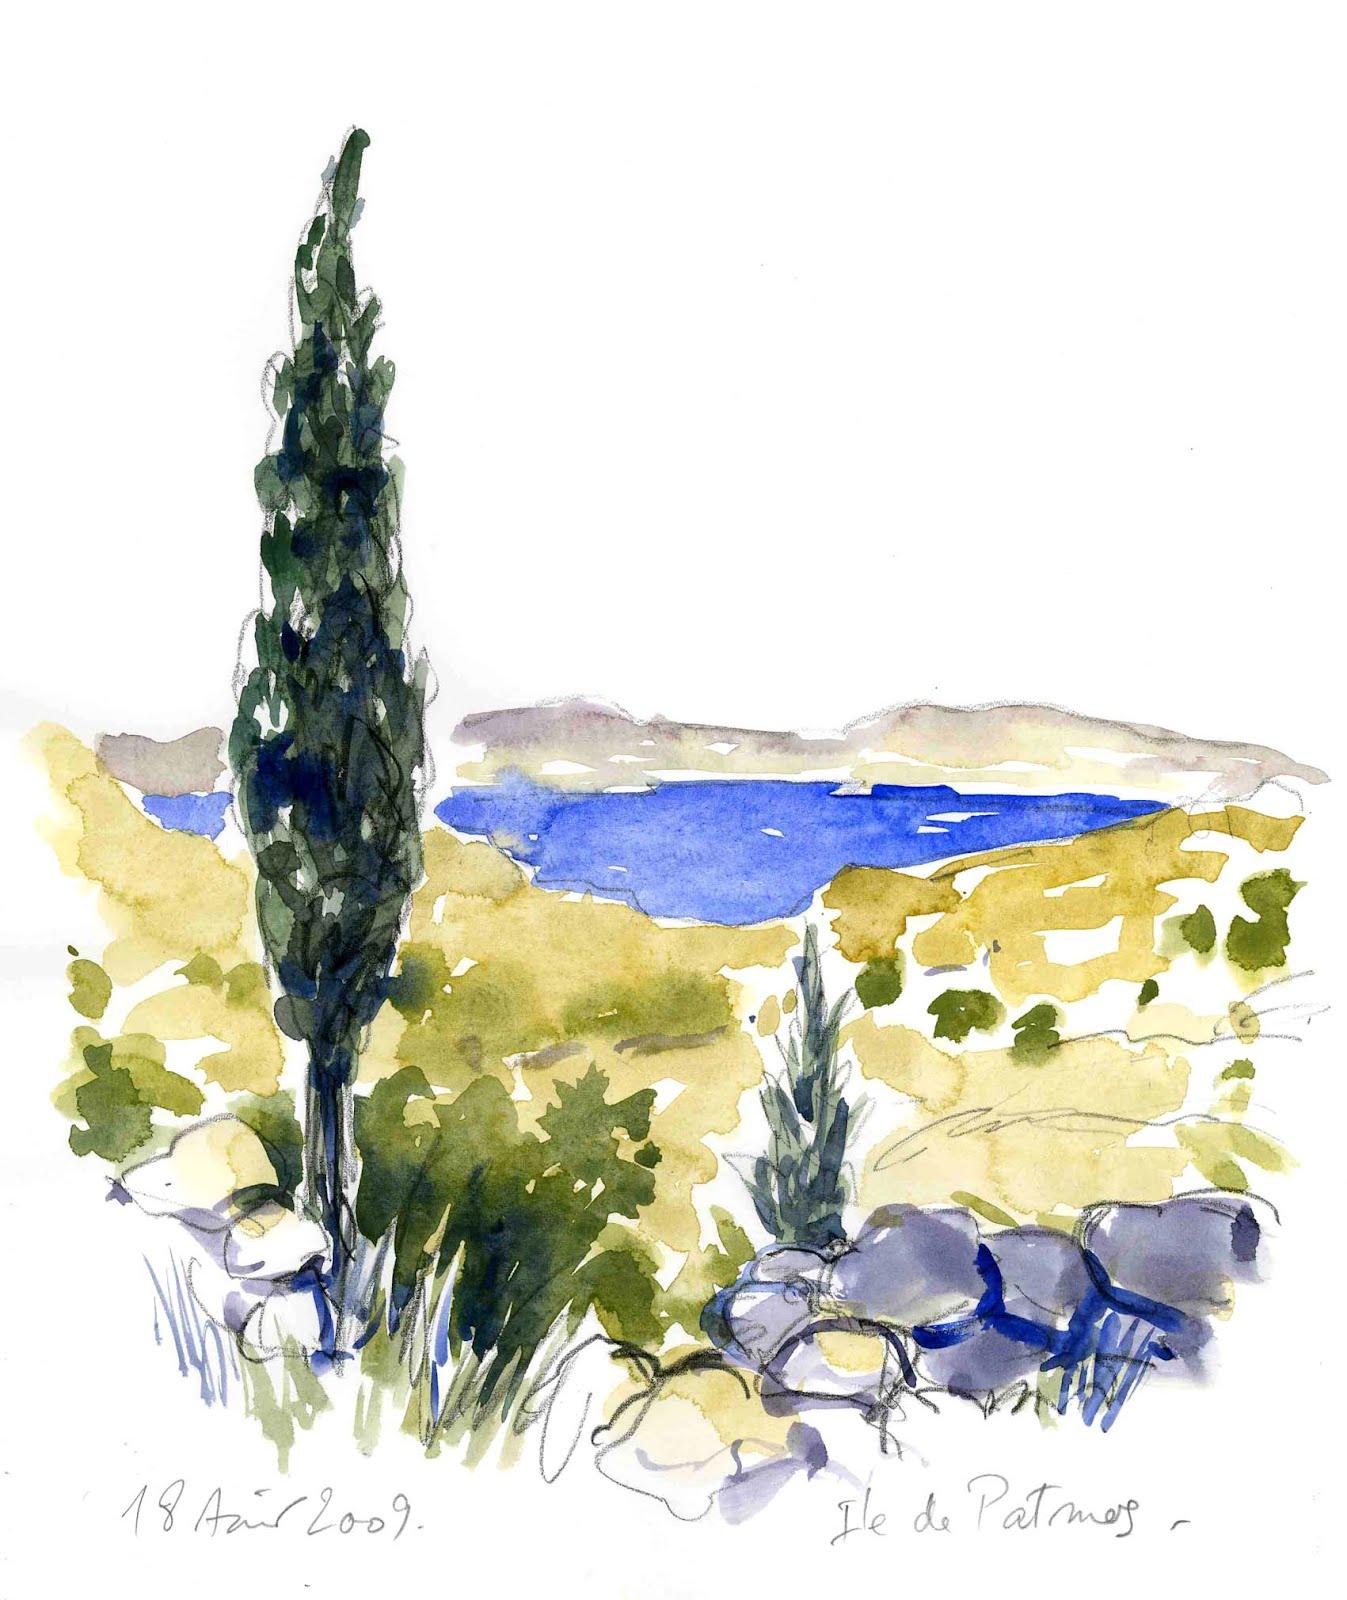 Patmos, 18 août 2009